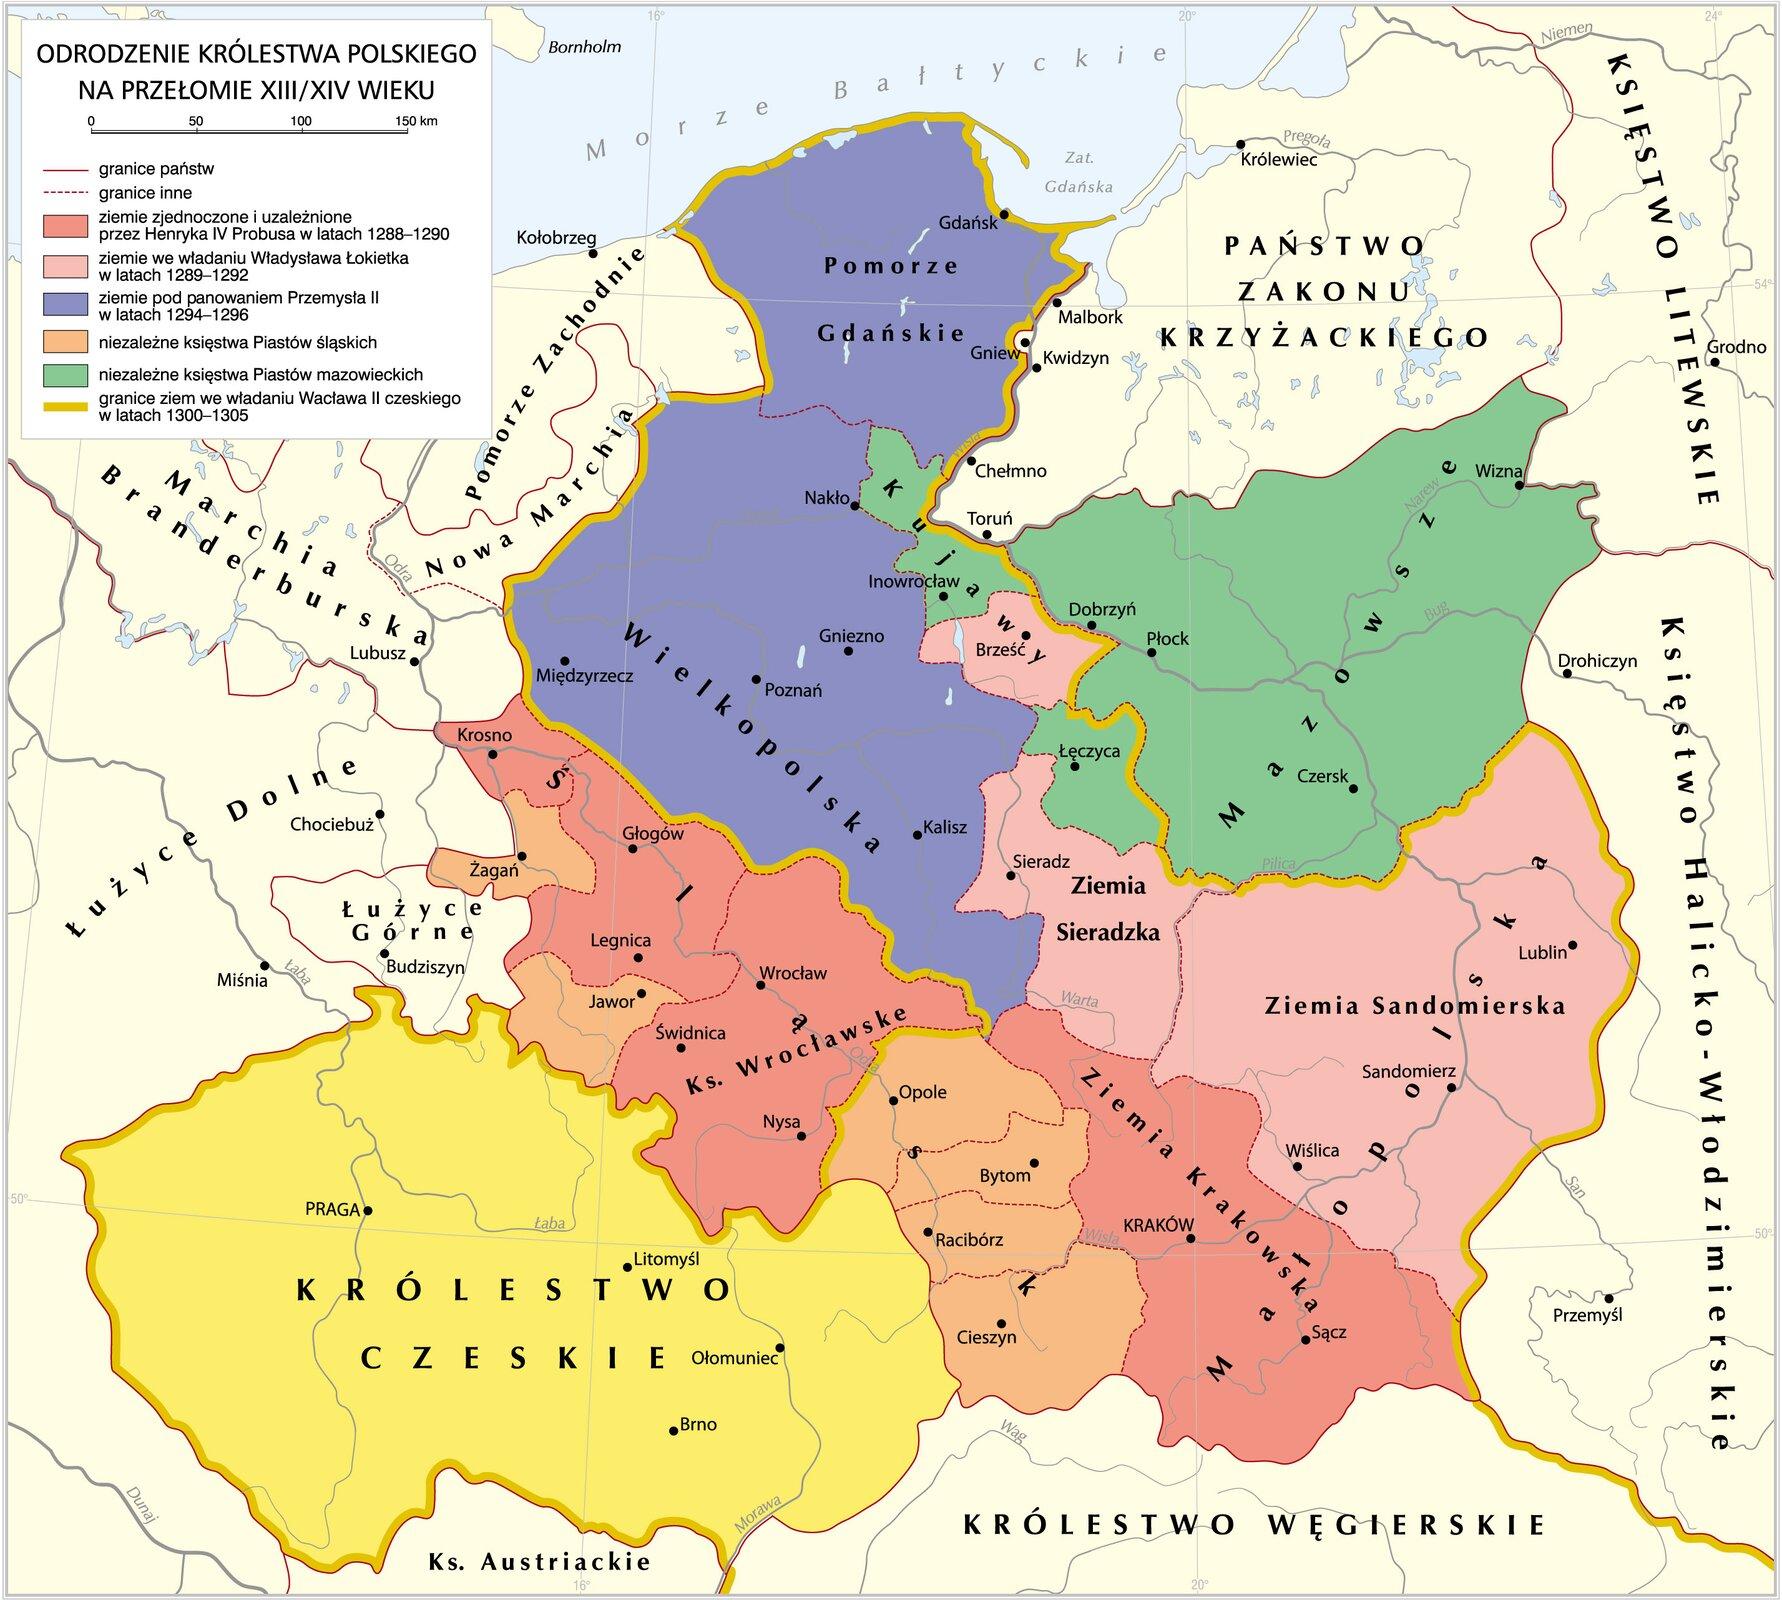 mapaOdrodzenie Królestwa Polskiego XIII-XIV wiek